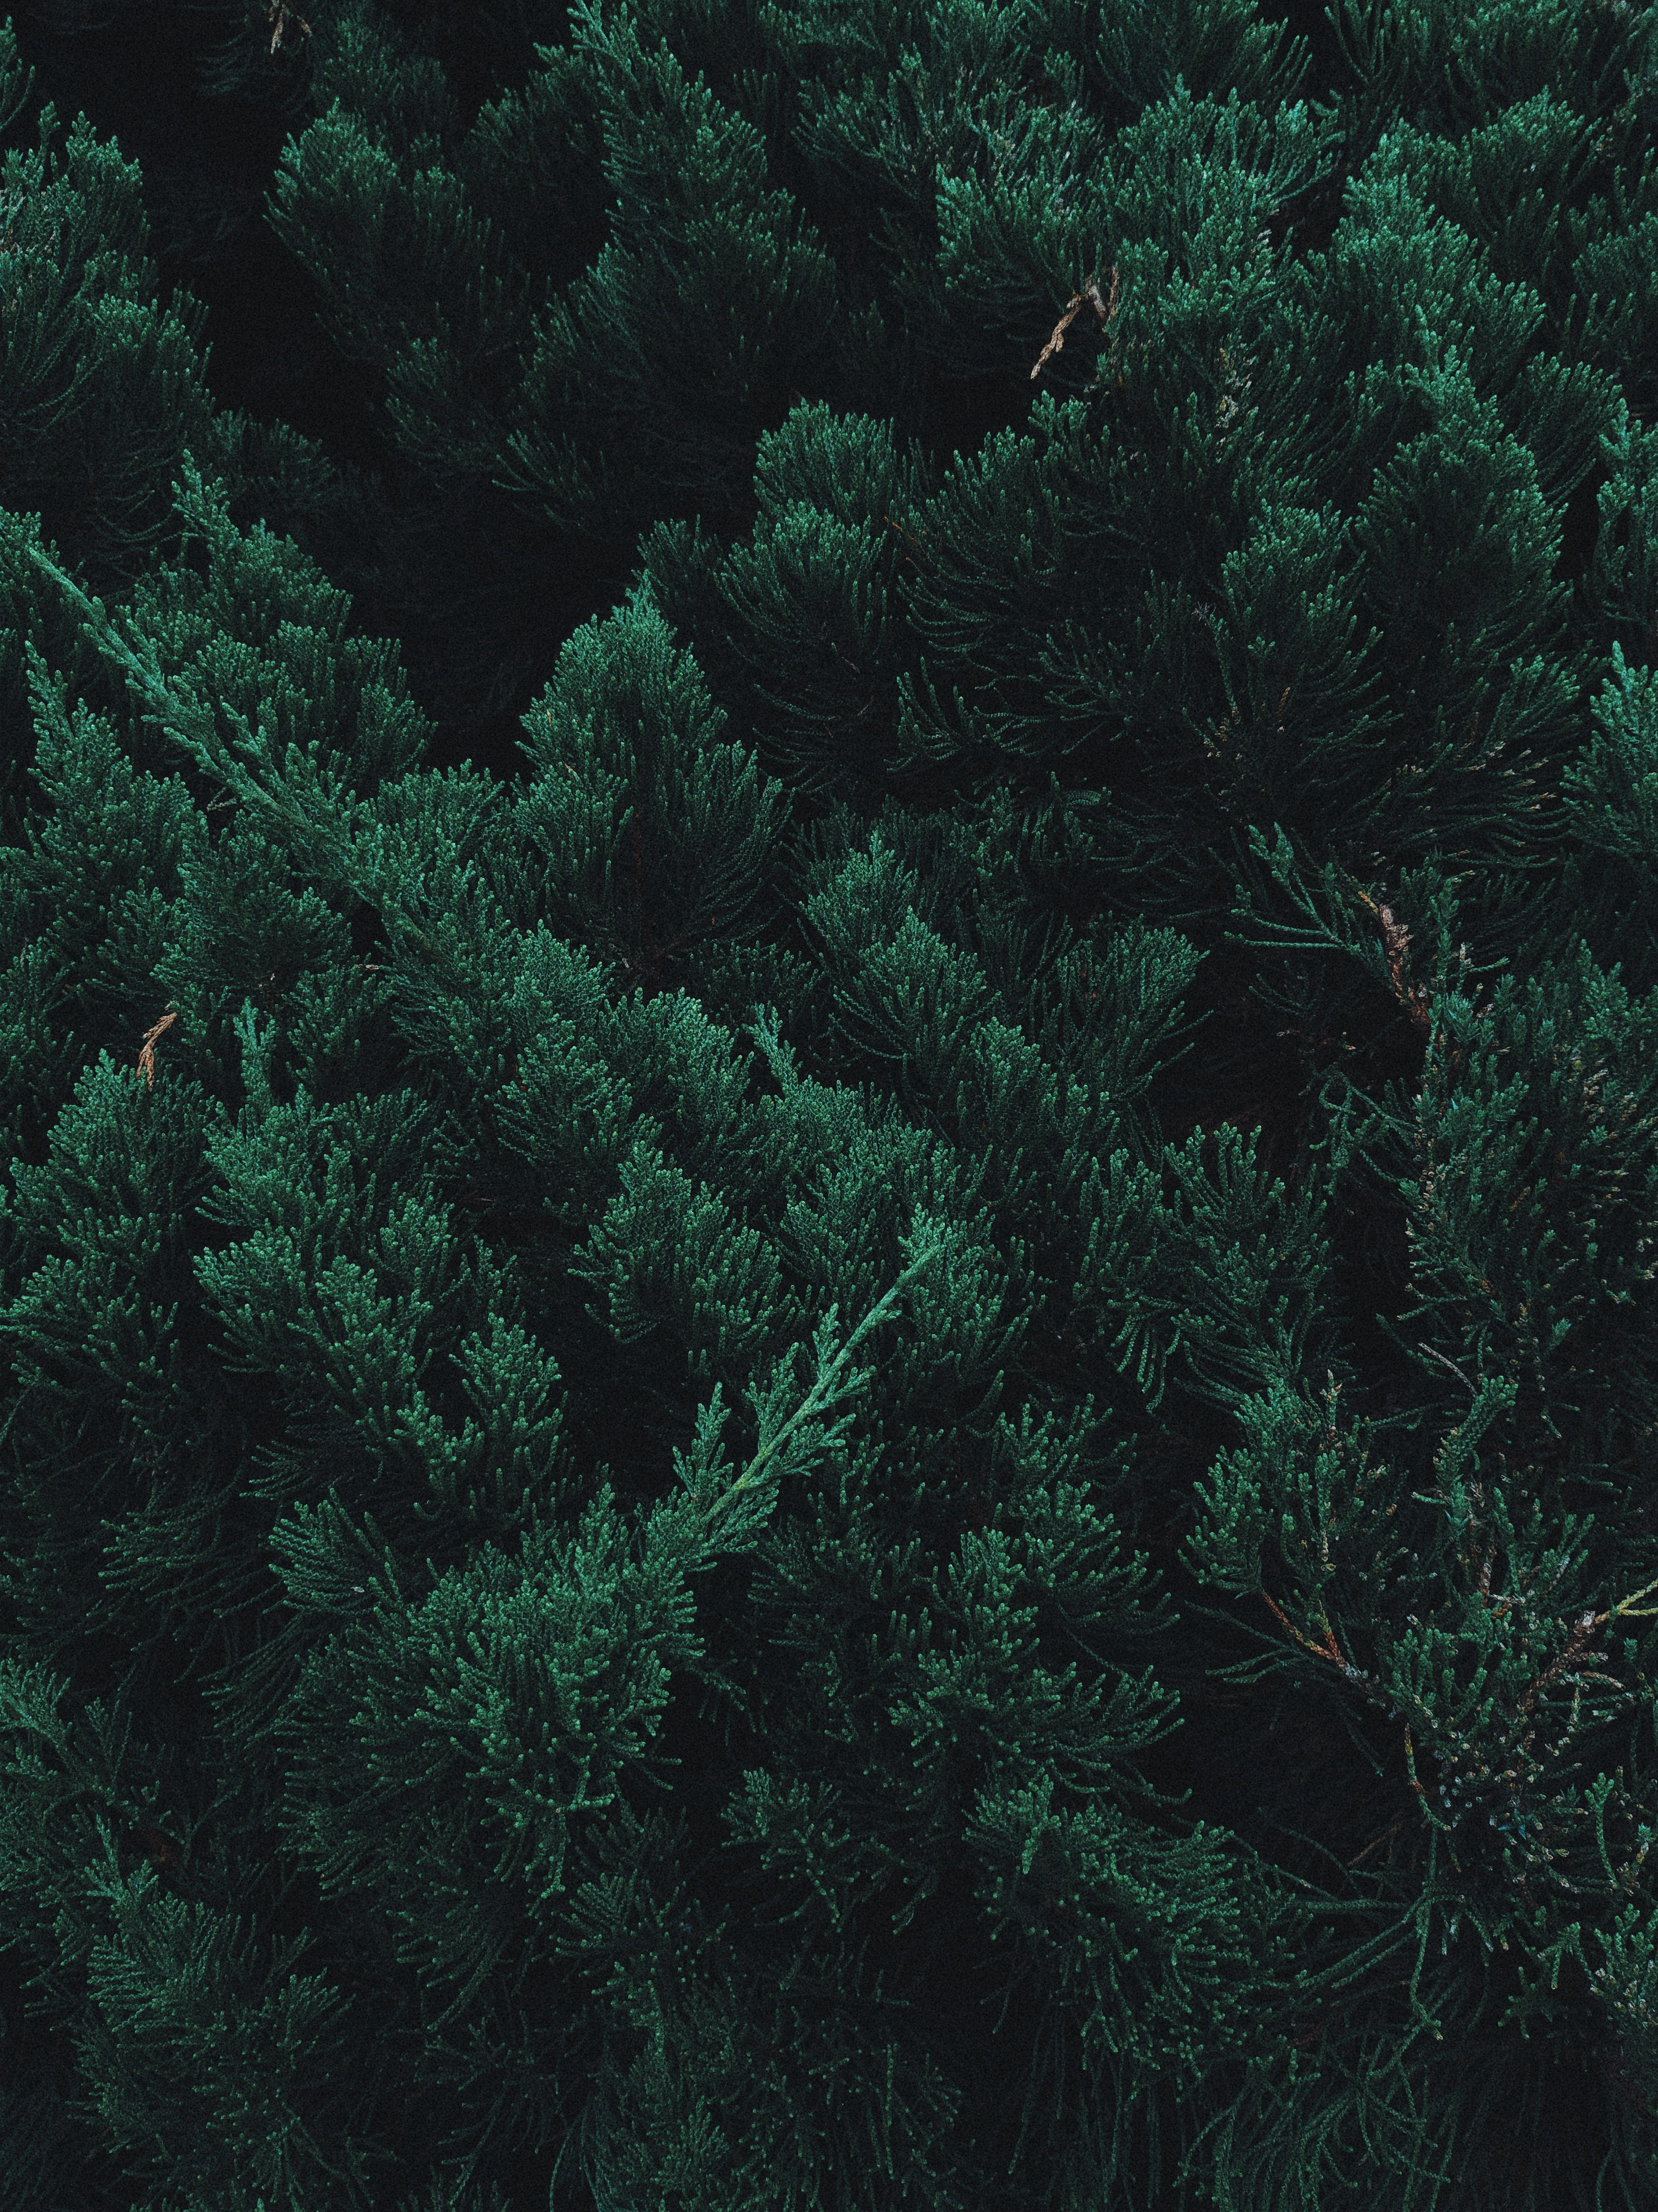 64640 обои 720x1520 на телефон бесплатно, скачать картинки Природа, Листья, Растение, Ветки, Зеленый 720x1520 на мобильный